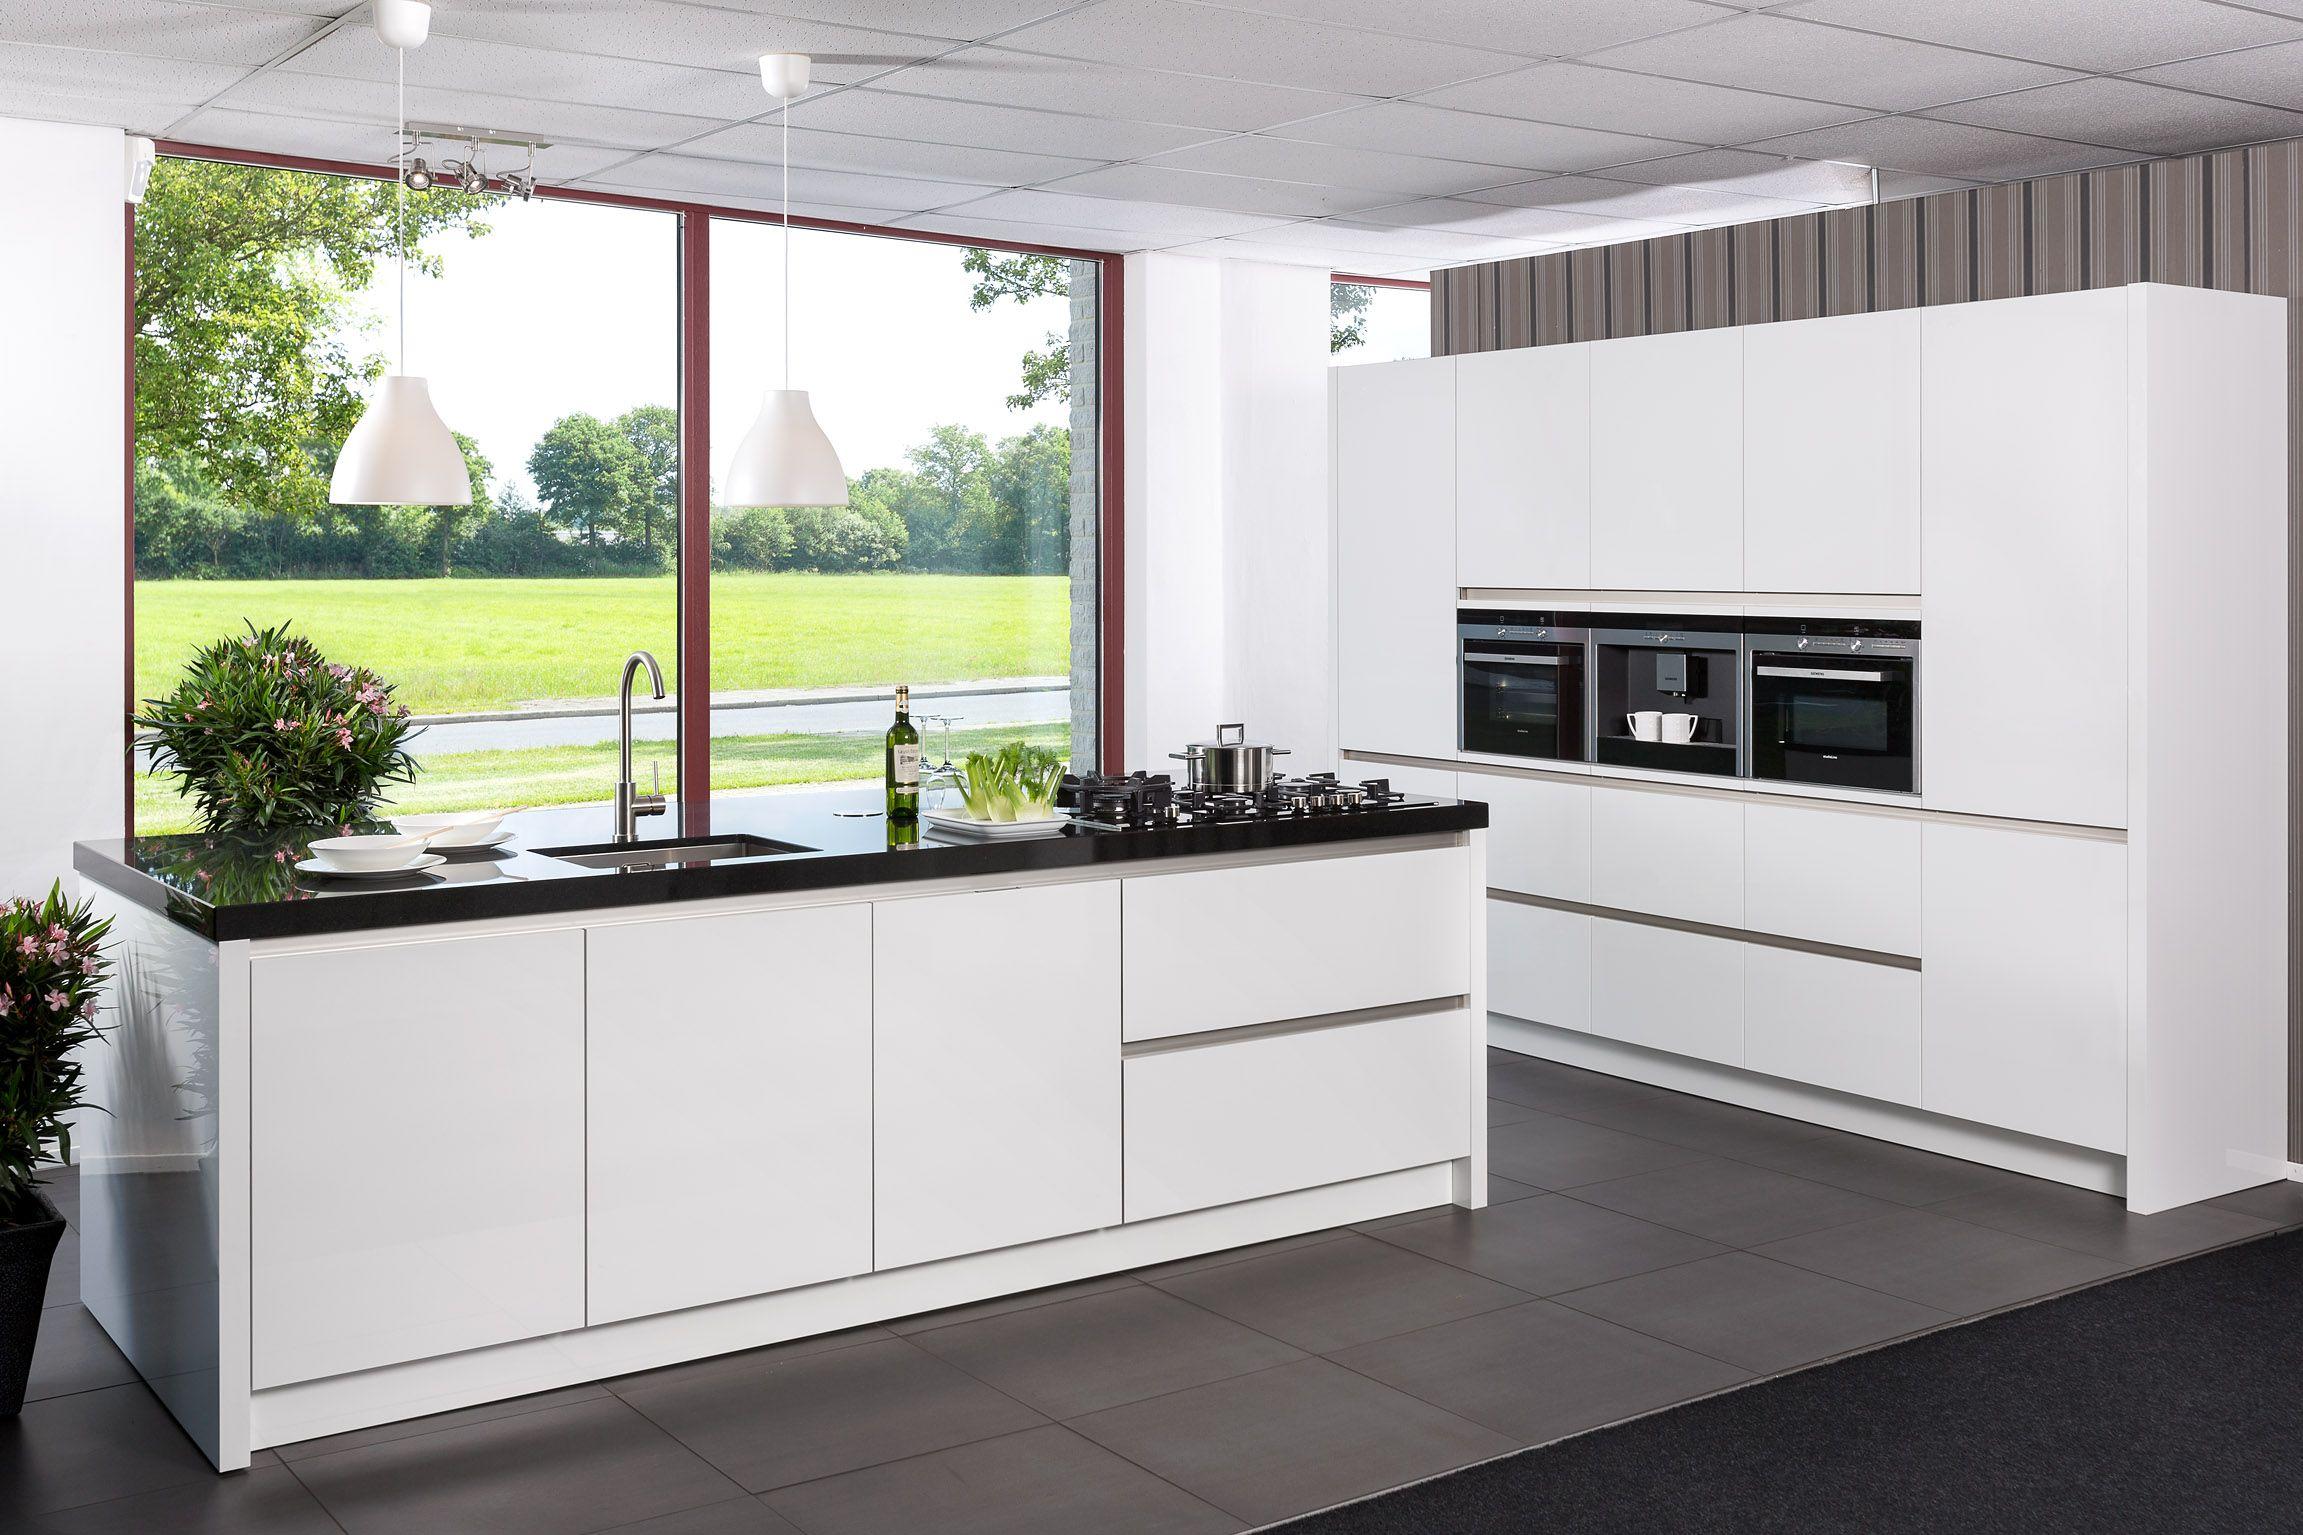 Luxe Keuken Met Kookeiland : keukens voor zeer lage keuken prijzen GREEPLOZE SIEMENS KEUKEN